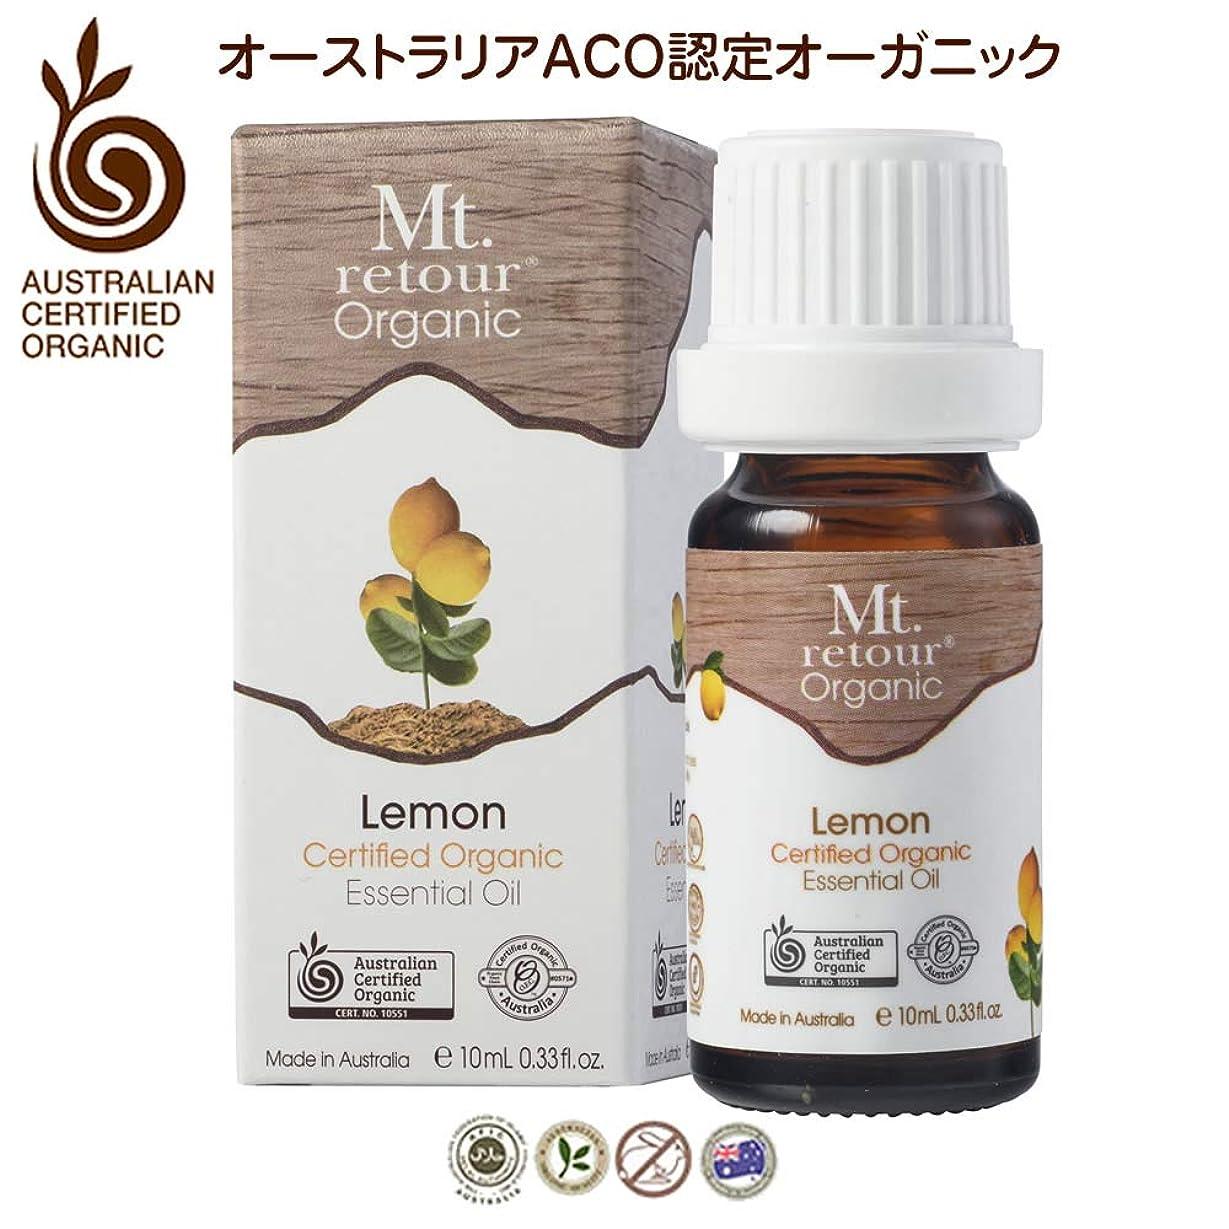 クアッガ厳密にローマ人Mt. retour ACO認定オーガニック レモン 10ml エッセンシャルオイル(無農薬有機栽培)アロマ